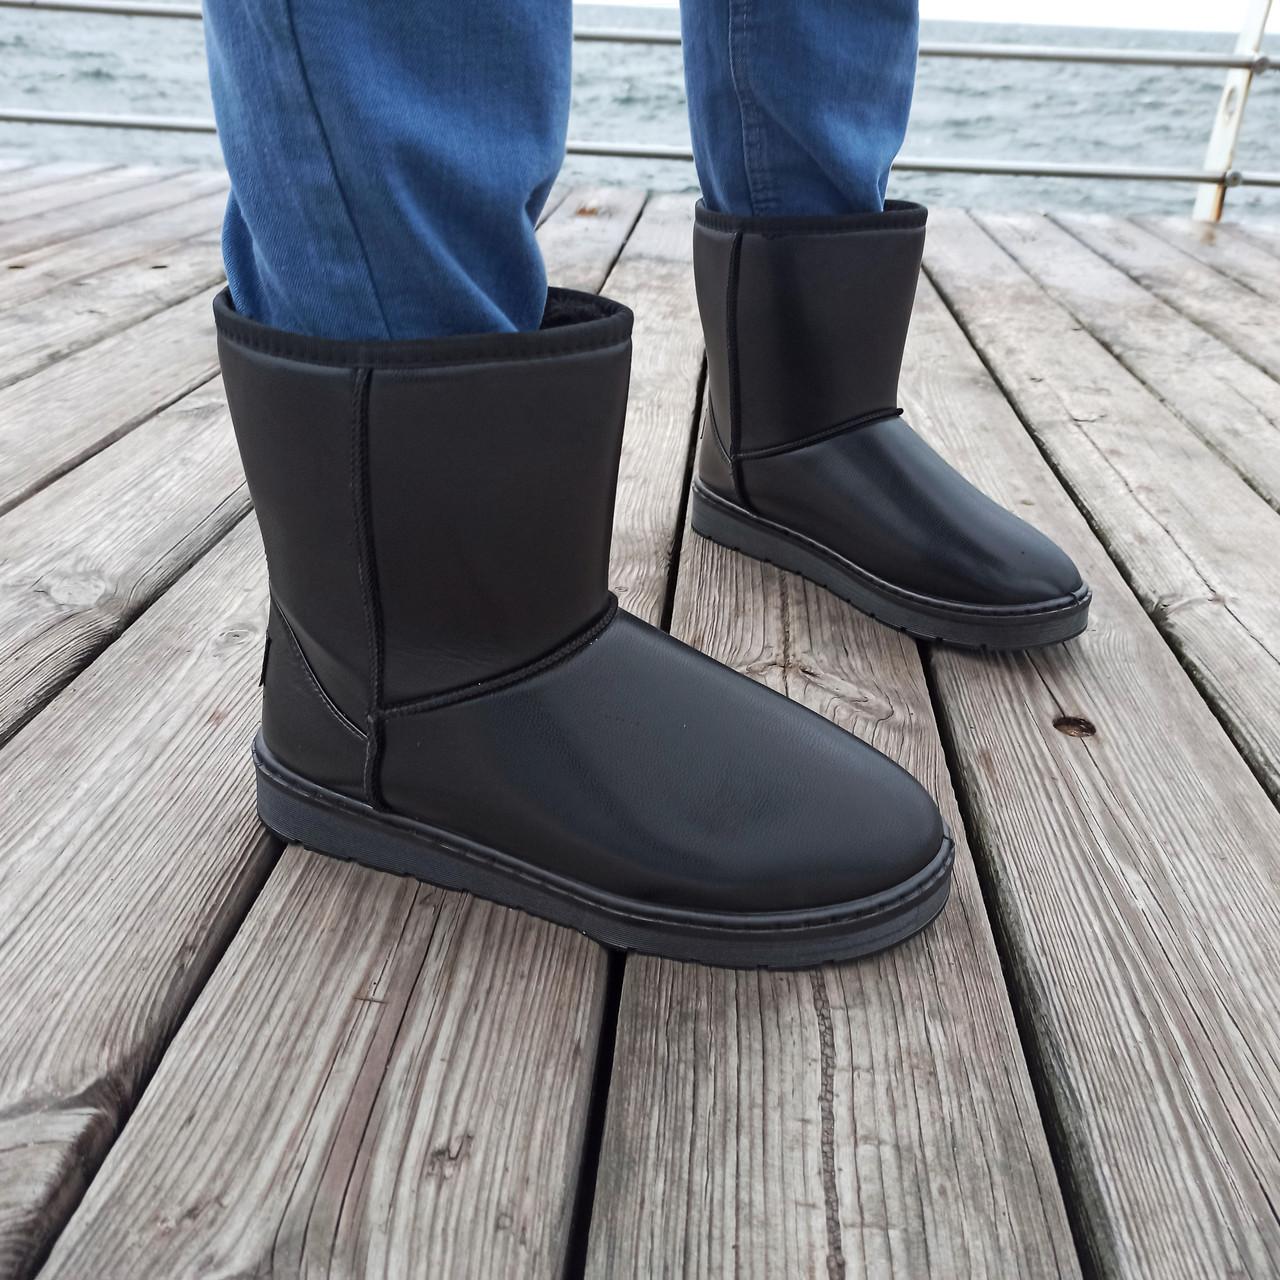 Чорні чоловічі уггі UGG еко шкіра високі черевики шкіряні чоботи зимові